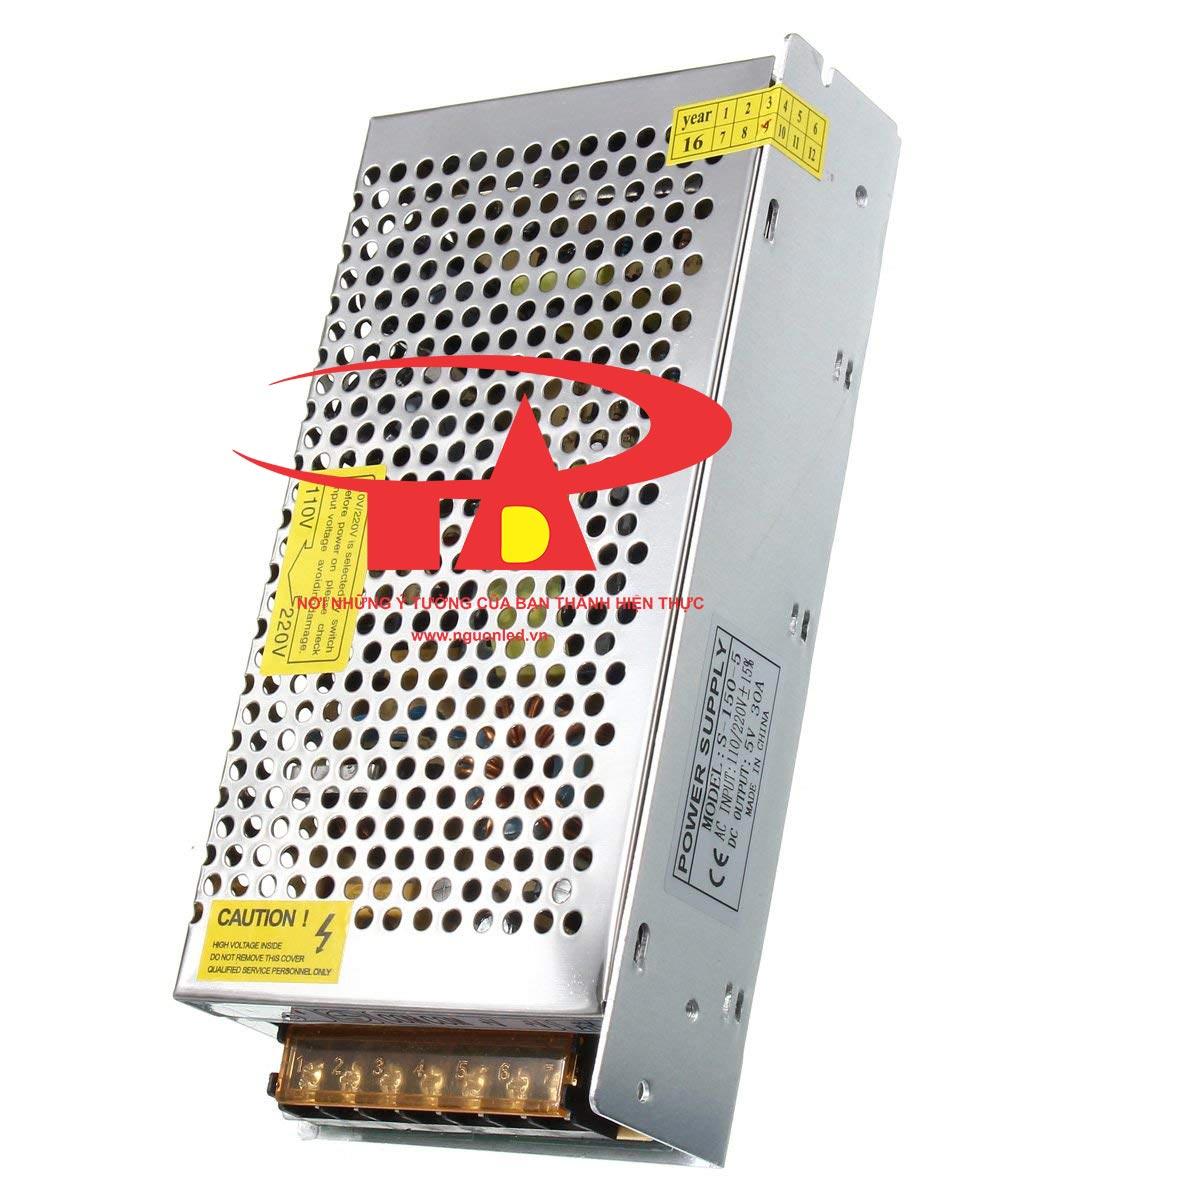 Nguồn led 5V 30A loại tốt, giá rẻ, đủ ampe, BH 1 năm tại nguonled.vn